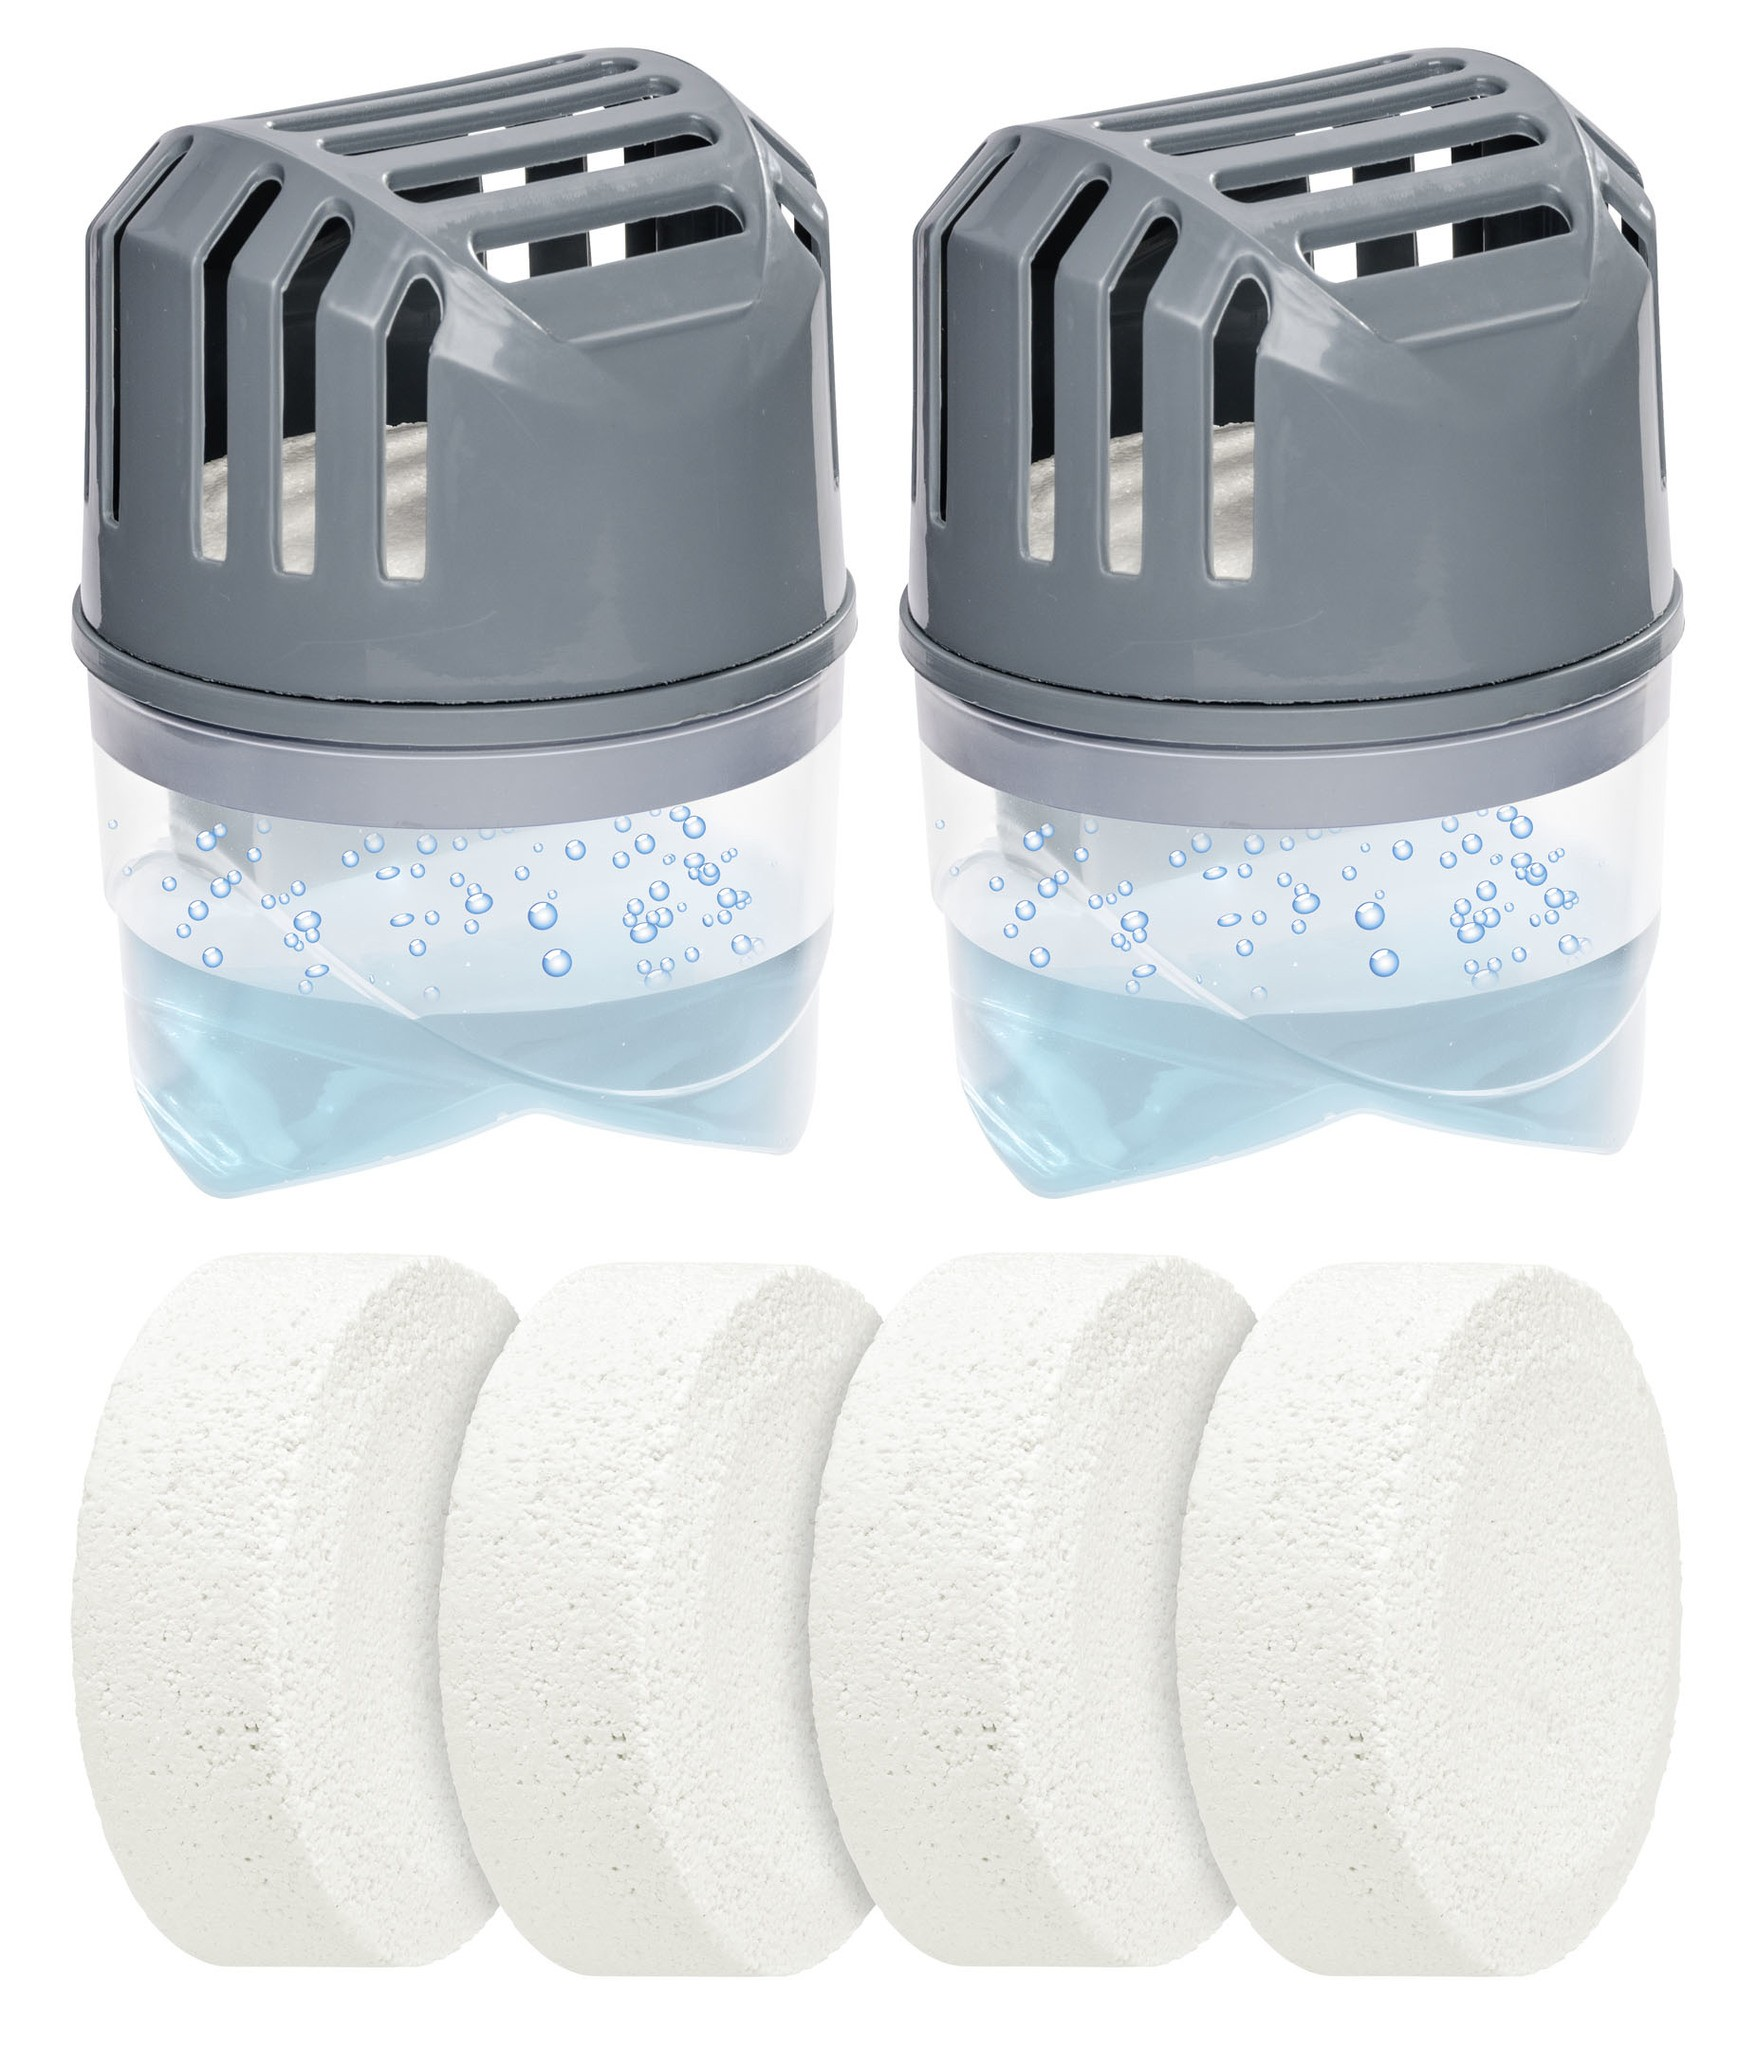 Feuchtigkeitskiller Grau 2 x 250 g inklusive 4 Nachfüller